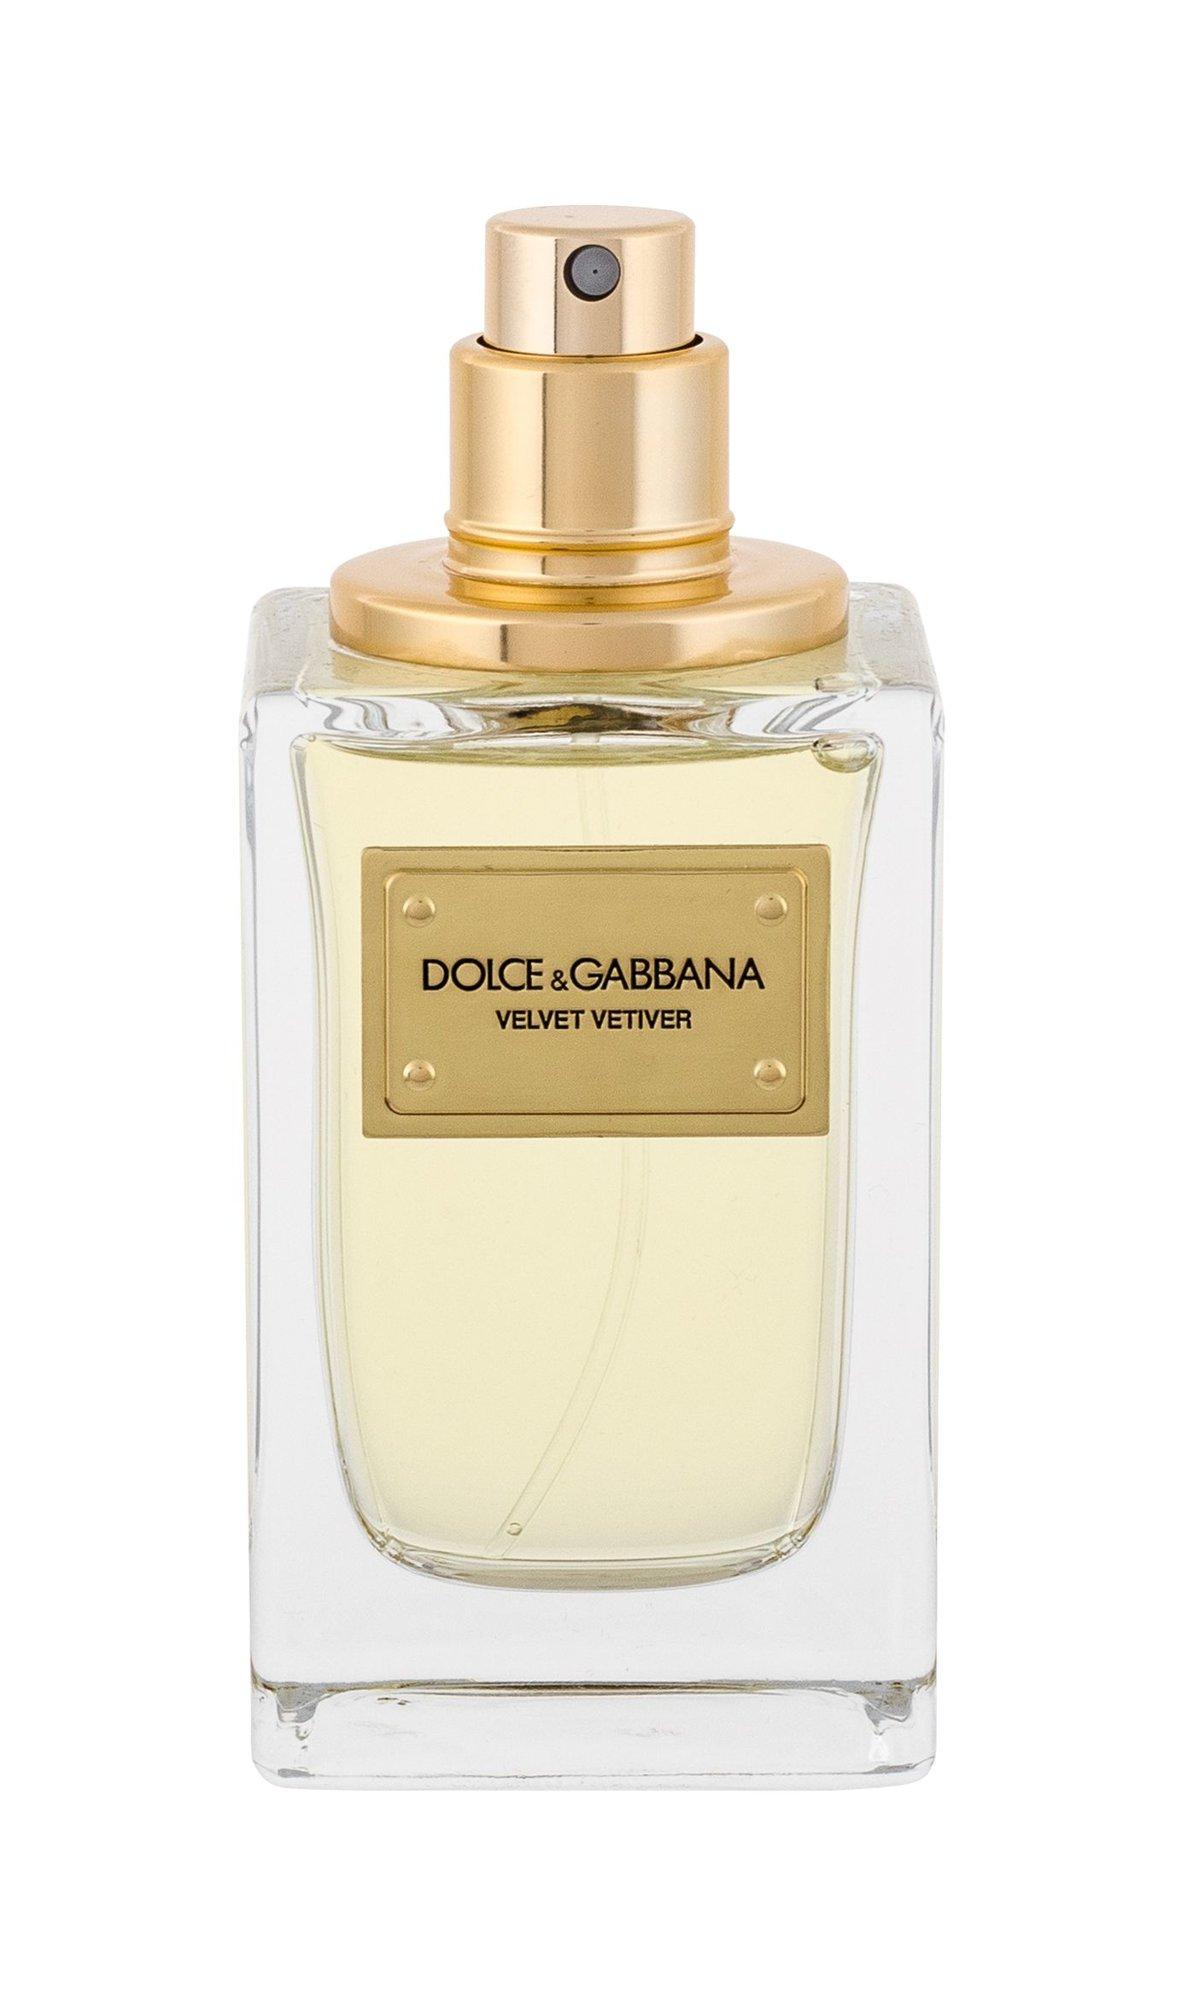 Dolce&Gabbana Velvet Vetiver Eau de Parfum 50ml